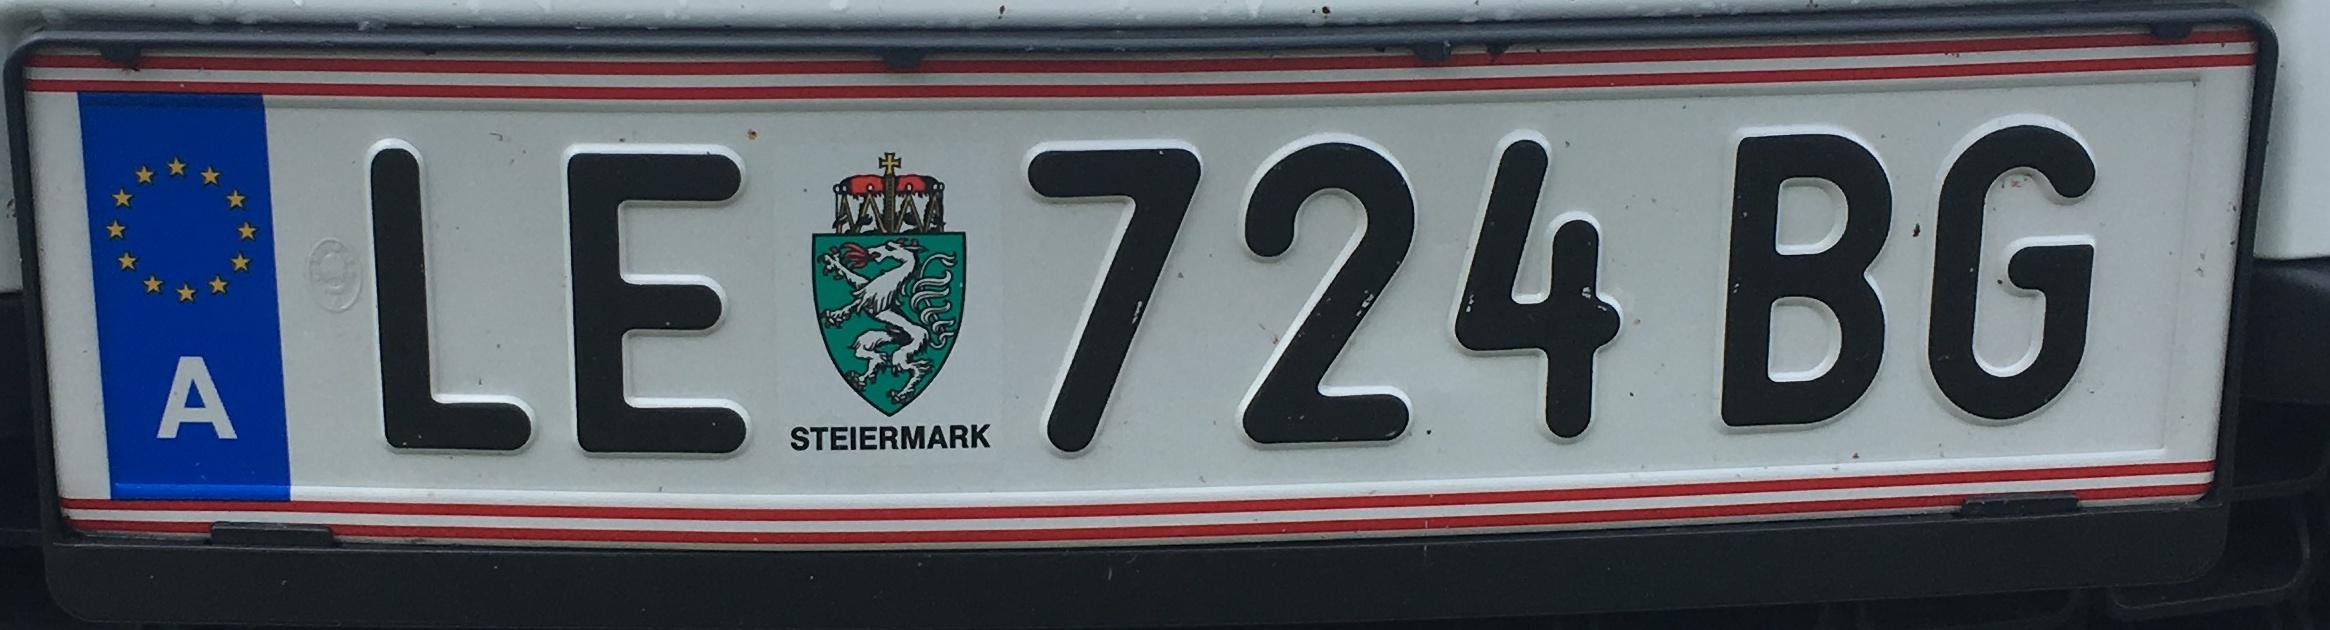 Registrační značka Rakousko - LE - město Leoben, foto: www.podalnici.cz